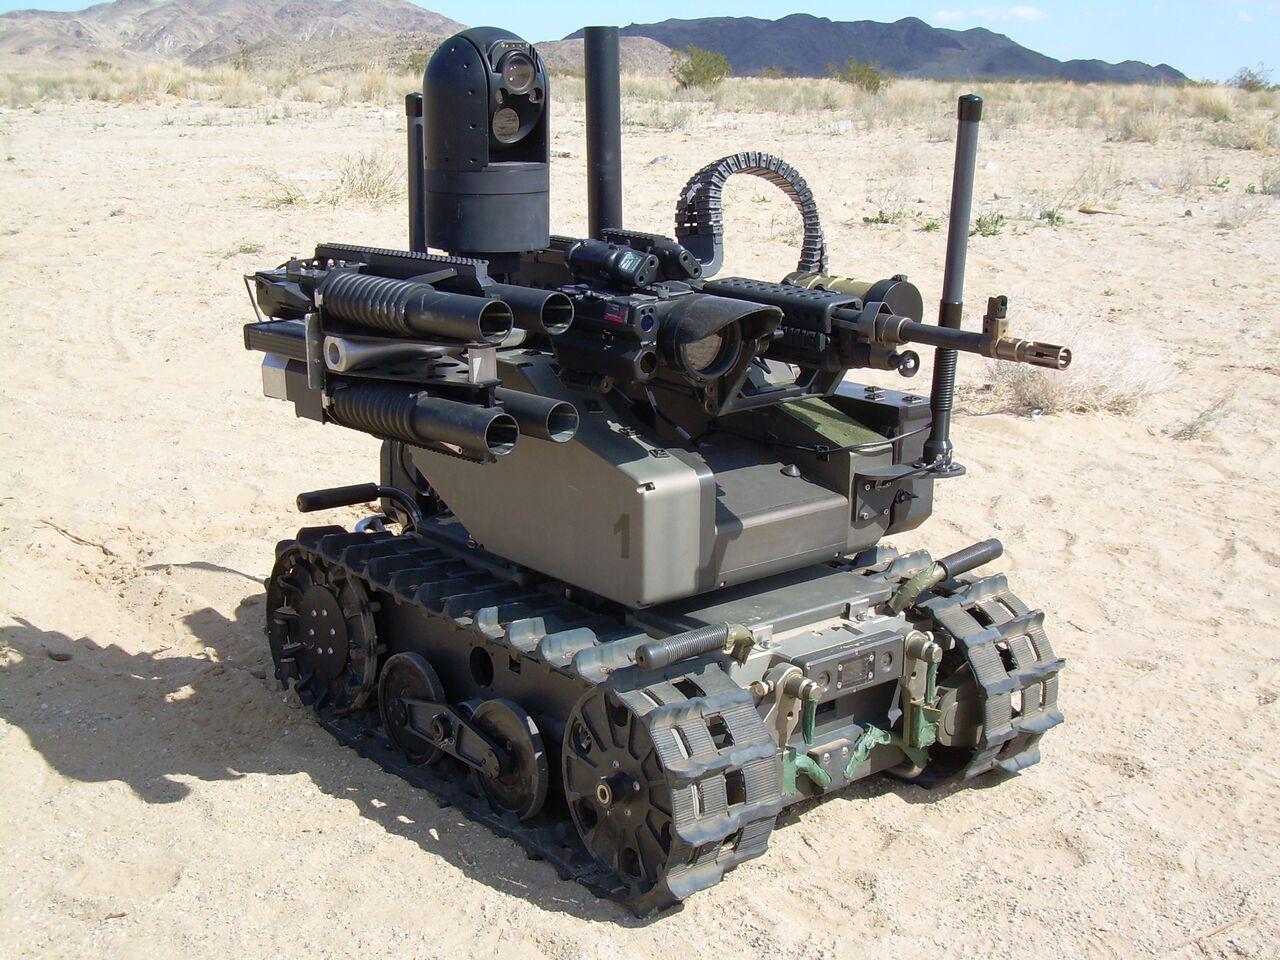 殺人ロボット兵器の禁止を急げ